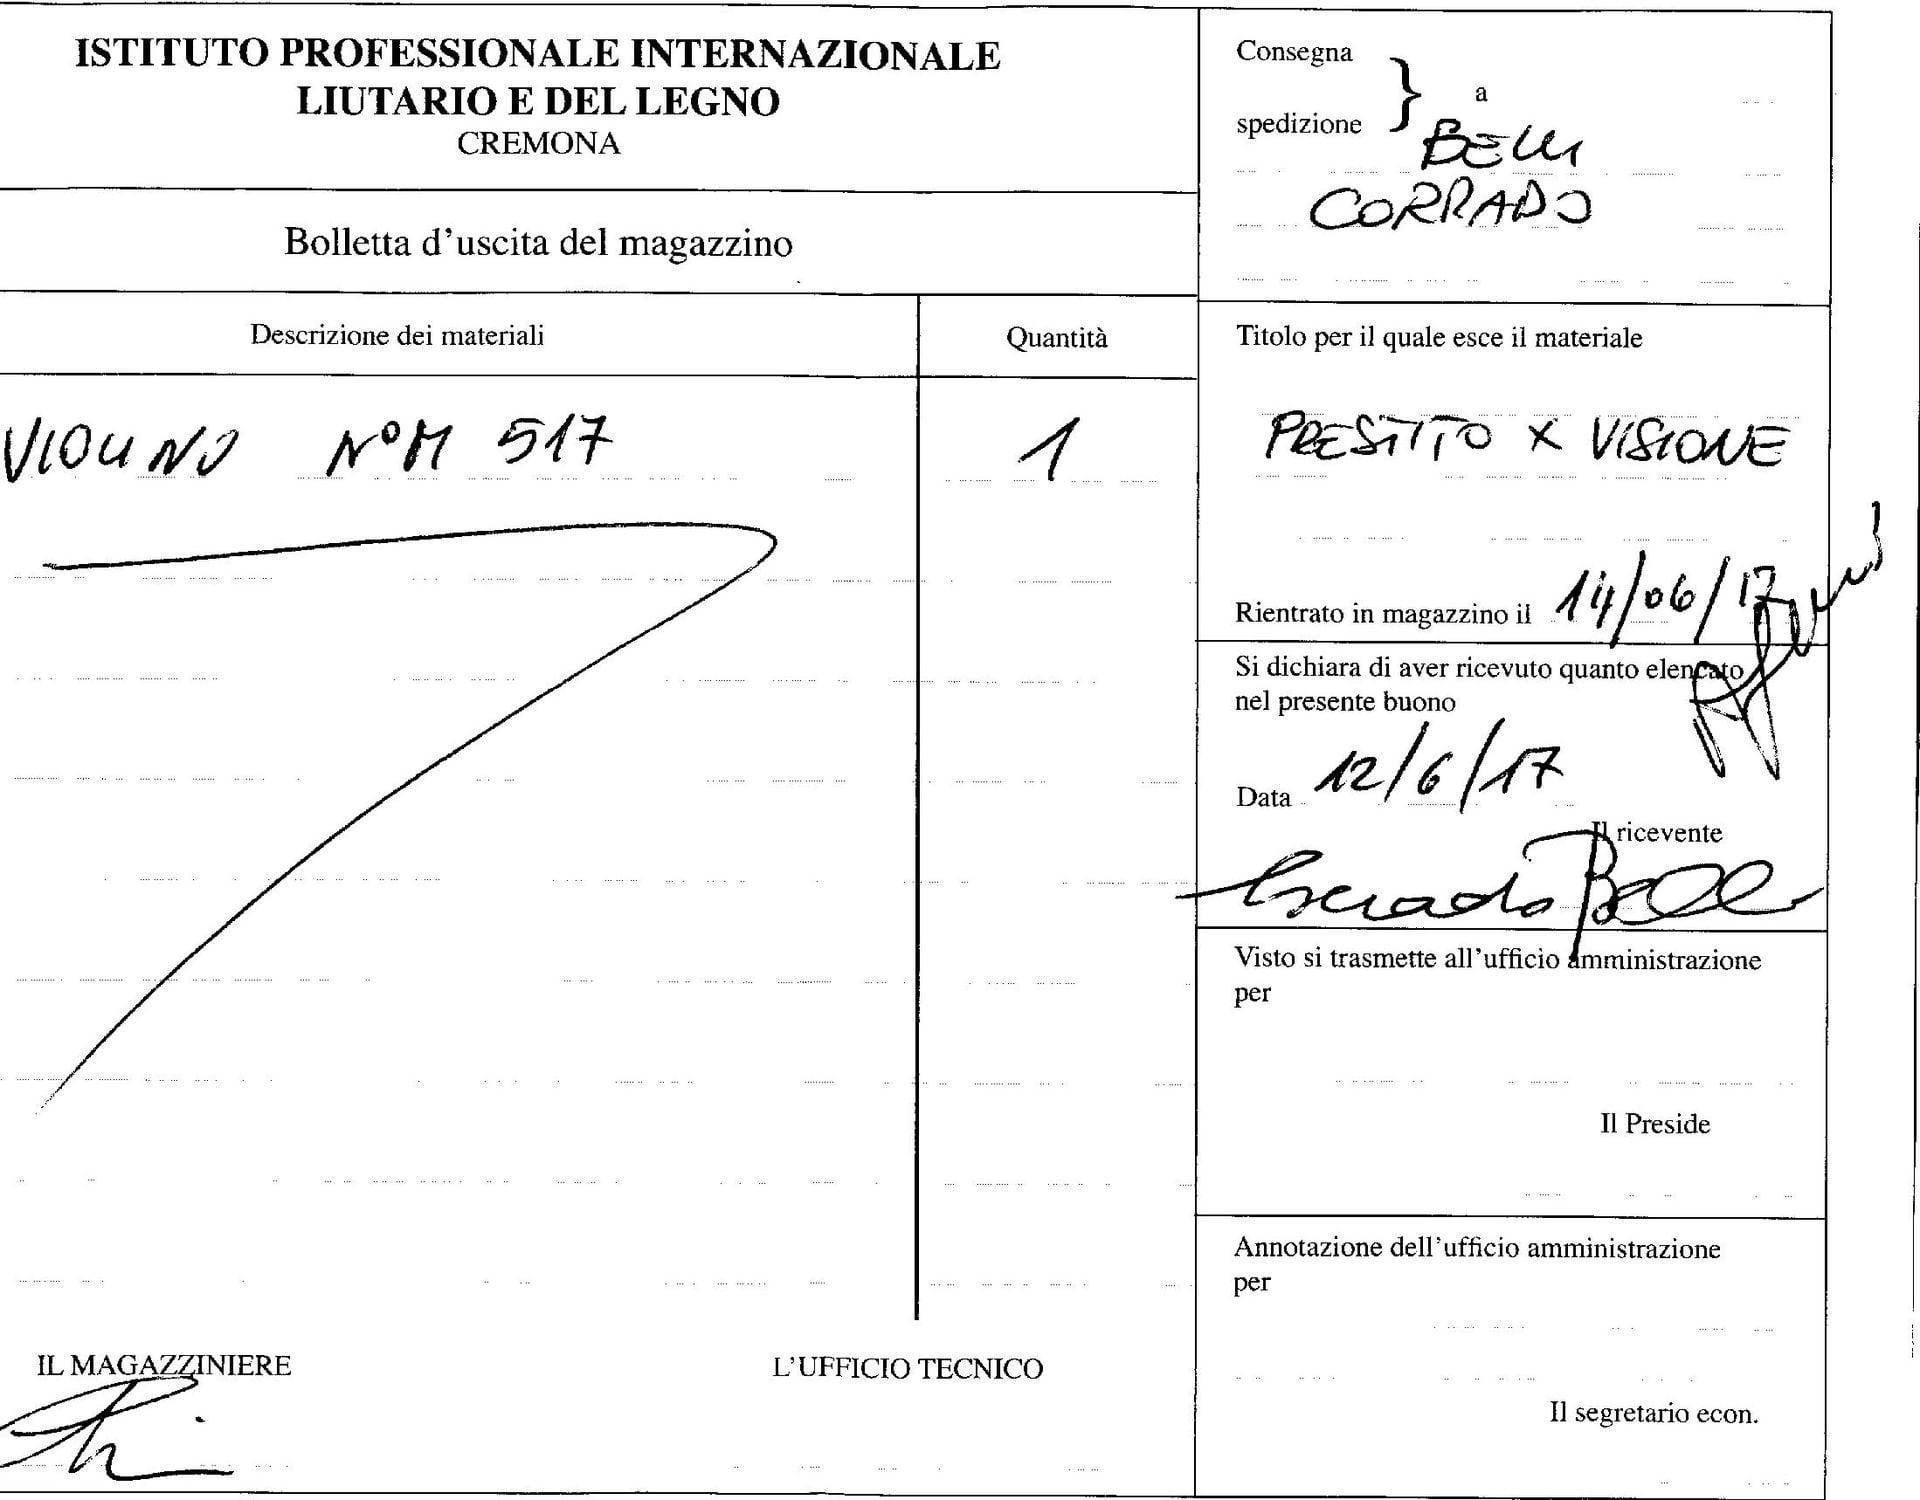 Violino C. Belli 1978 - Documento museo scuola liuteria Cremona